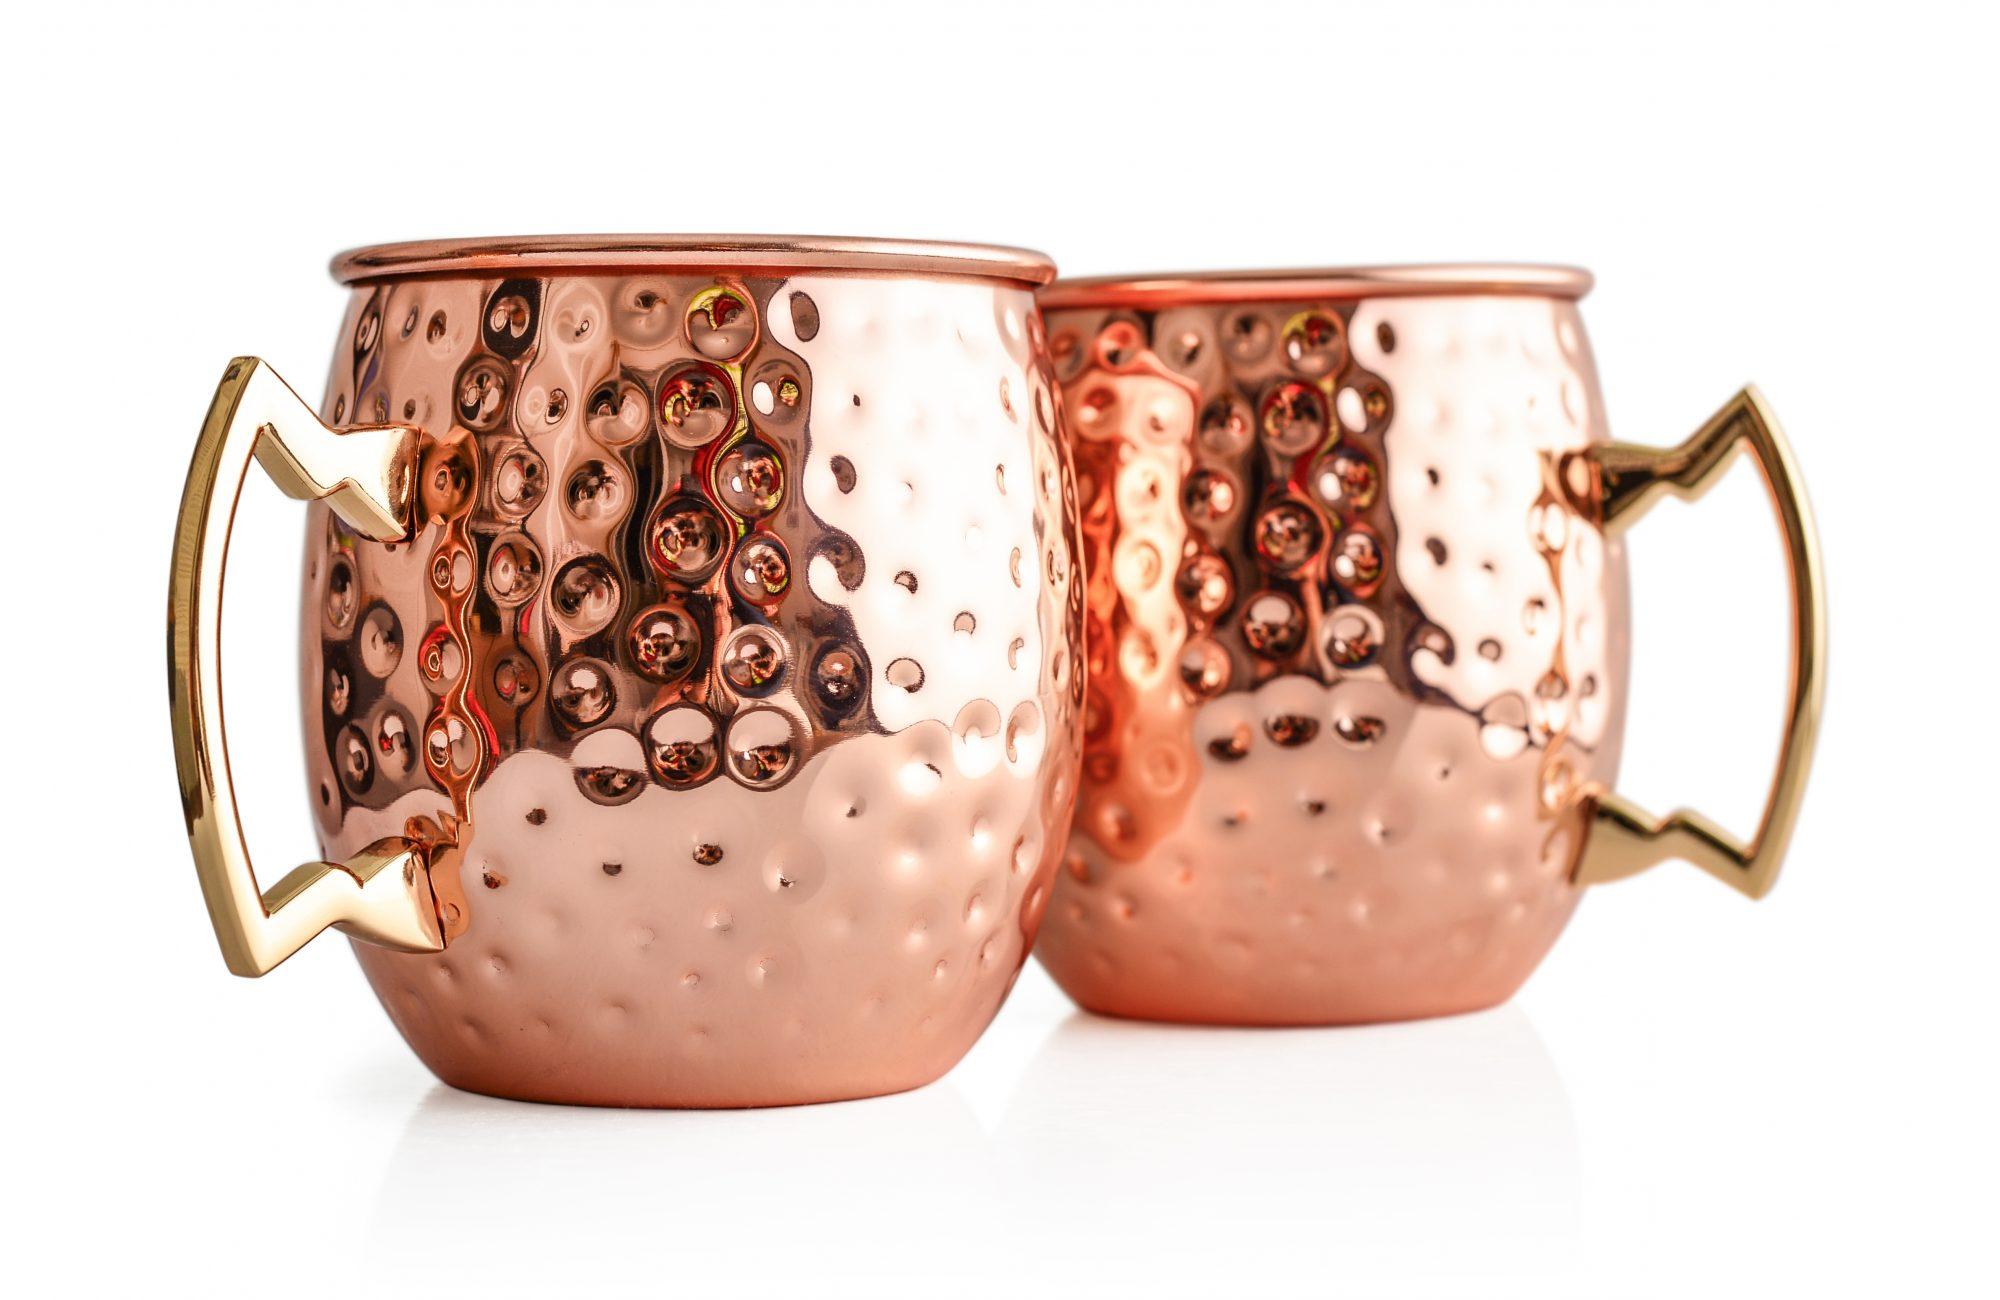 Copper mug getty 7/8/19